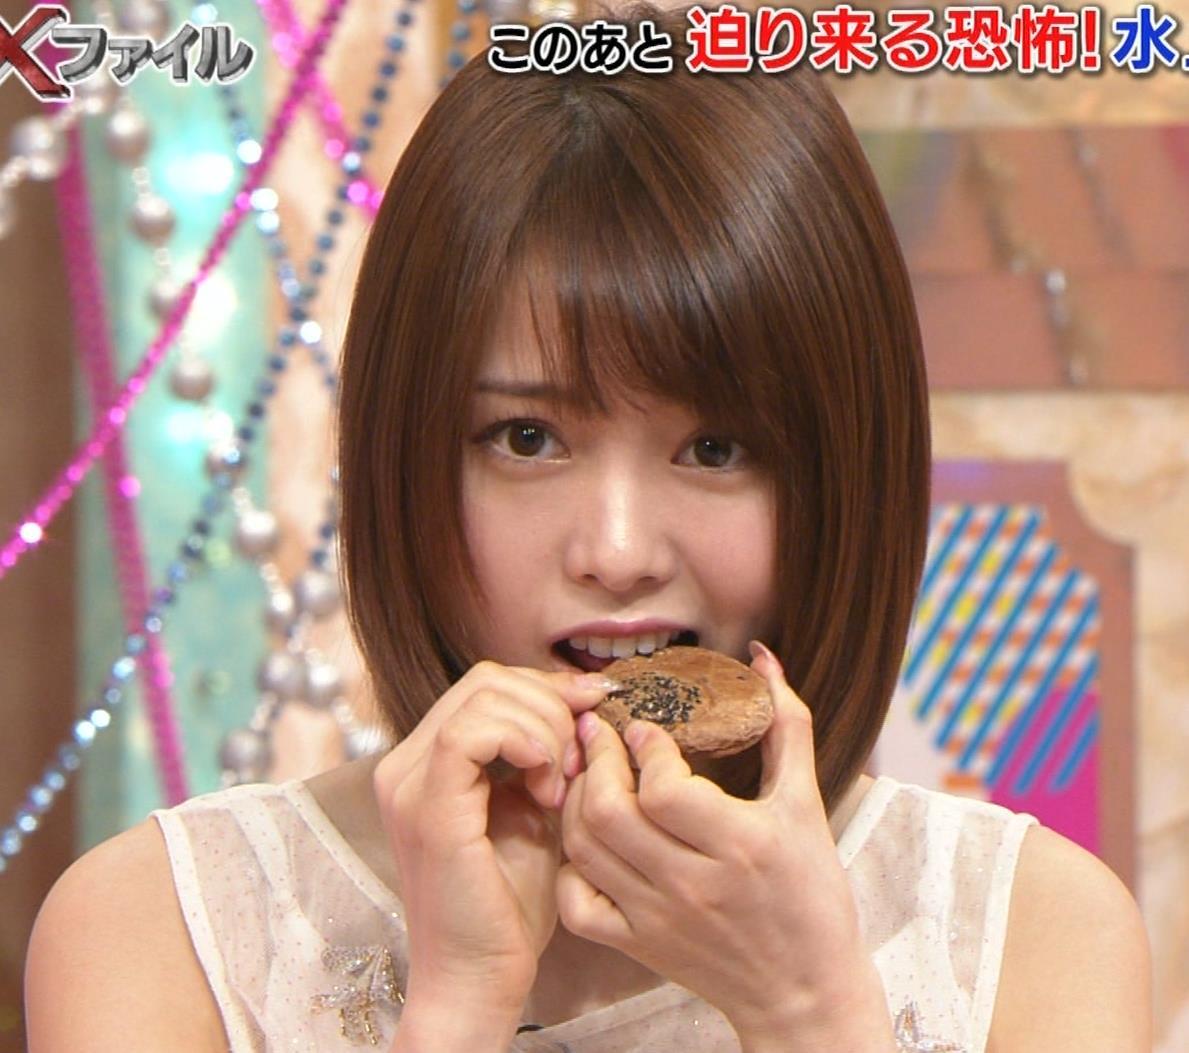 西村歩乃果 すごくかわいいアイドルの食べるところキャプ・エロ画像9